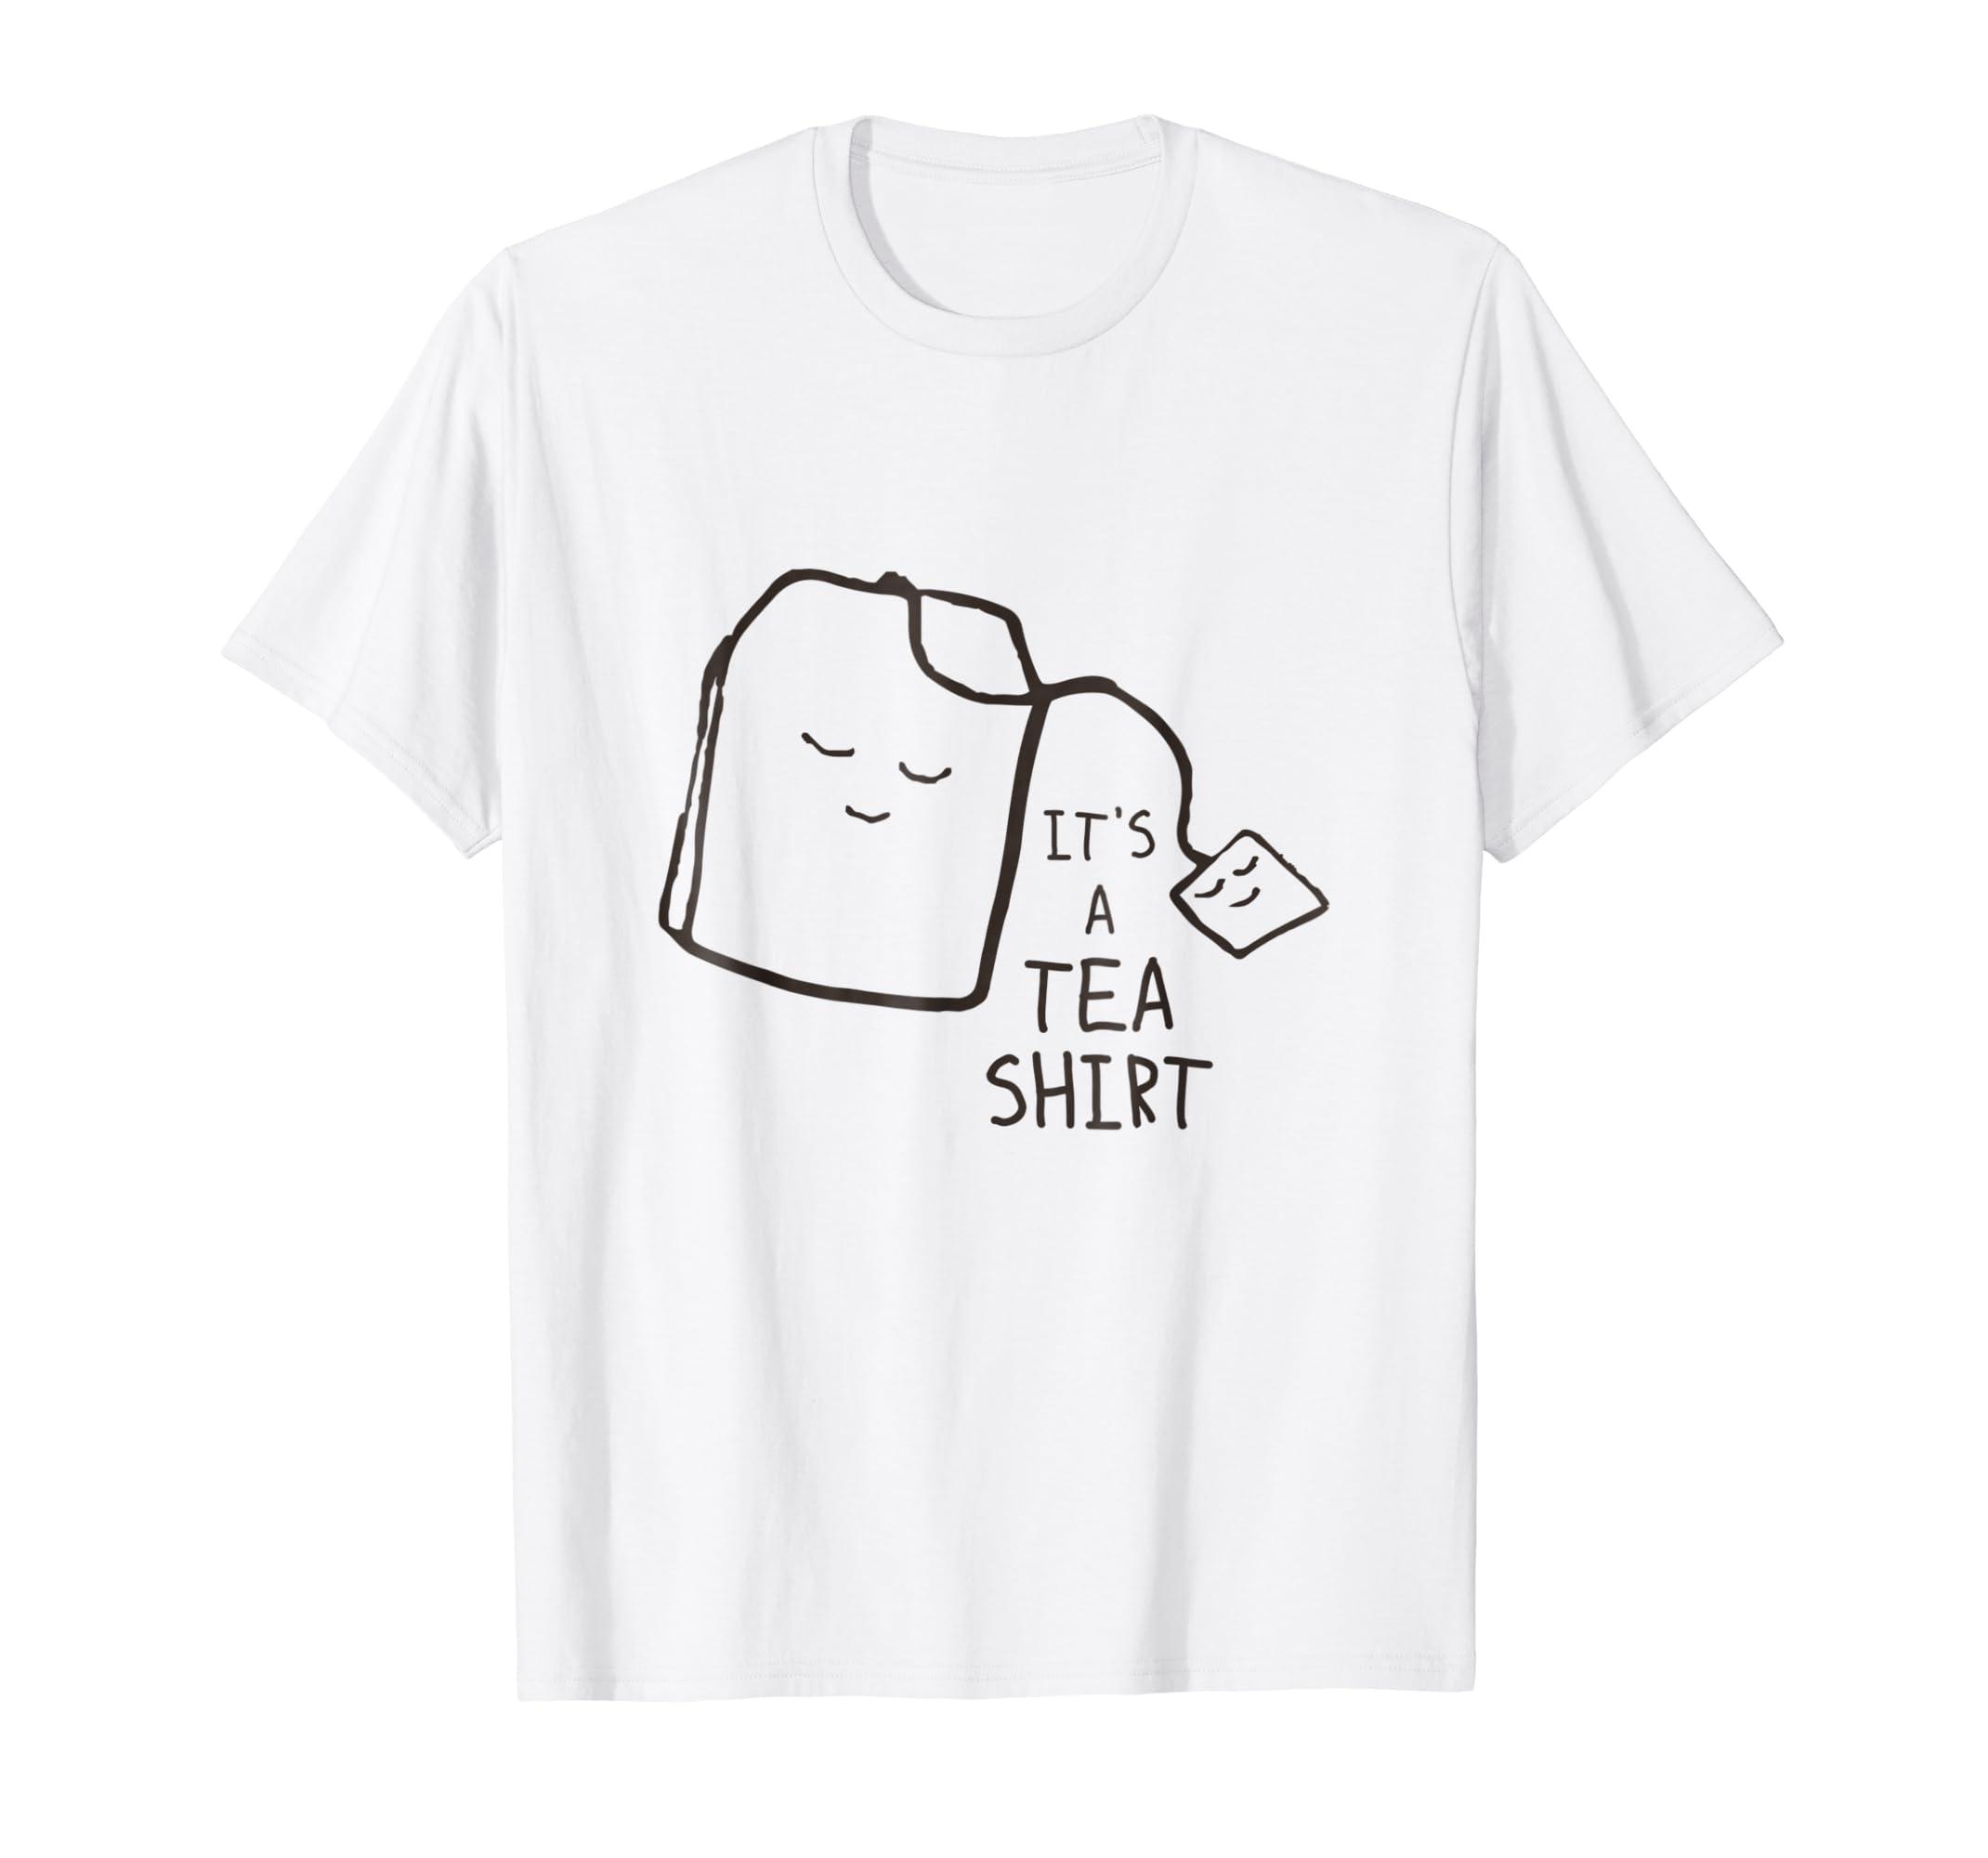 039166844a6 Amazon.com  Funny Tea Quote T-shirt